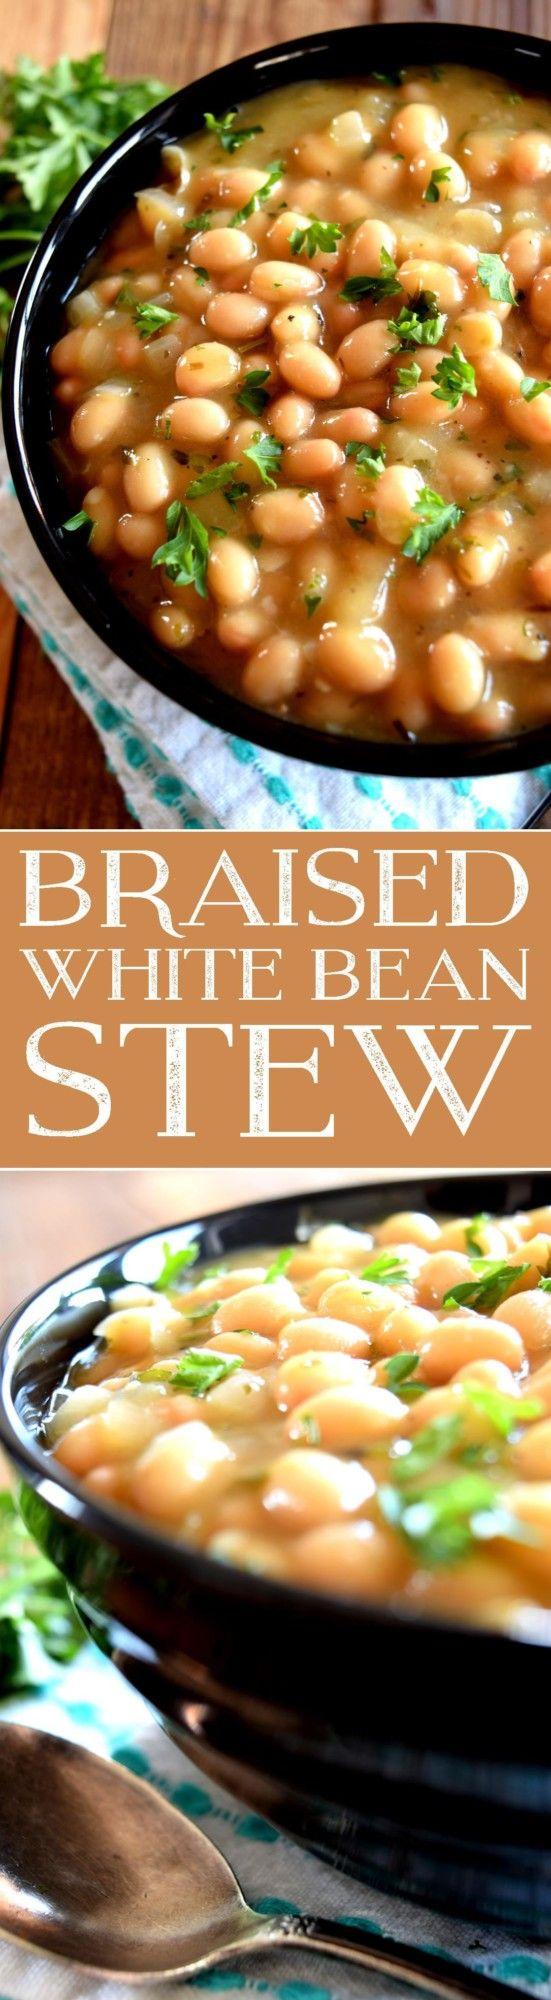 braised-white-bean-stew